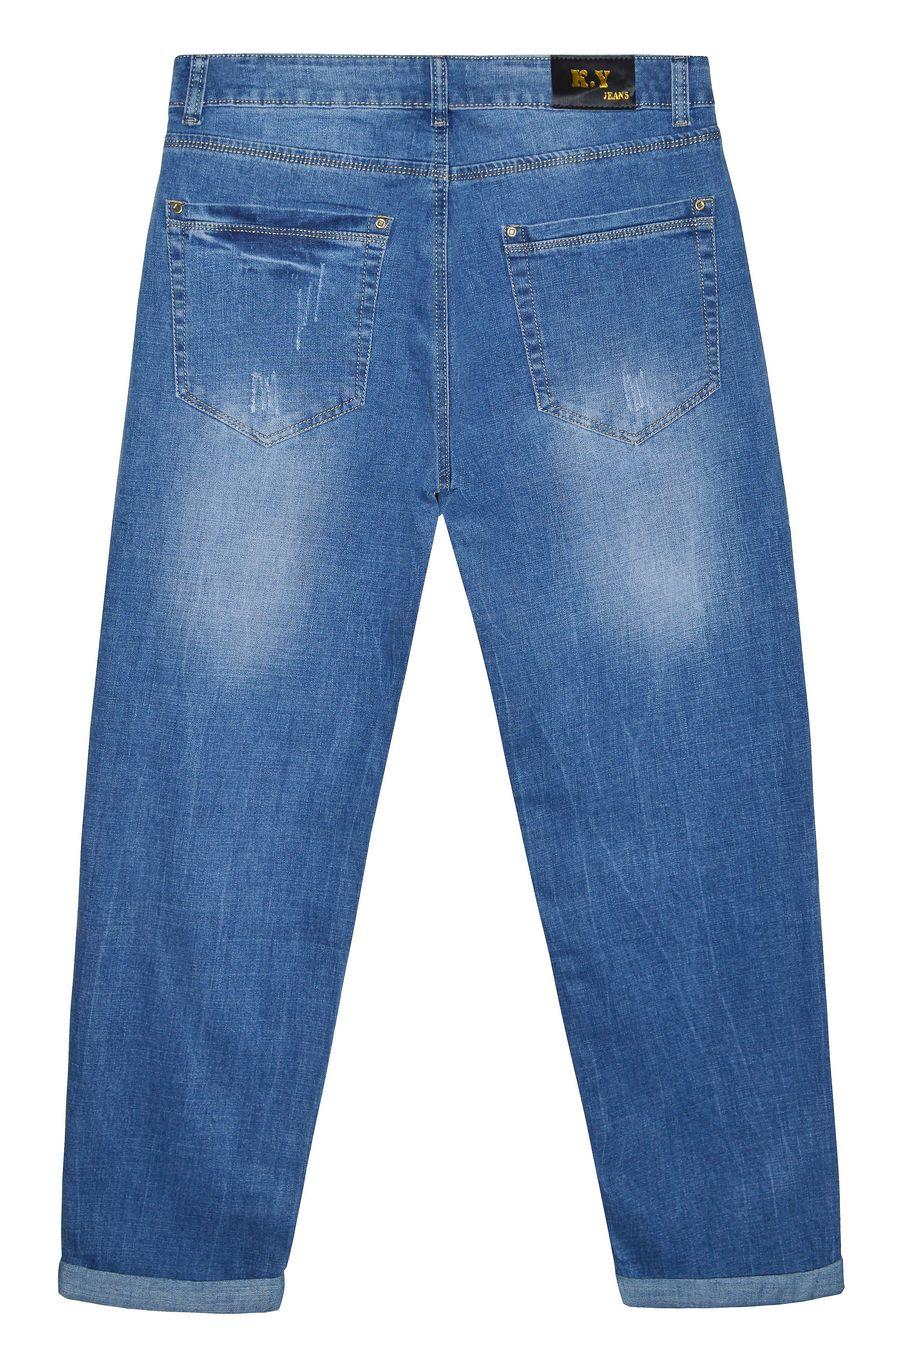 Джинсы женские K.Y Jeans L478 - фото 2